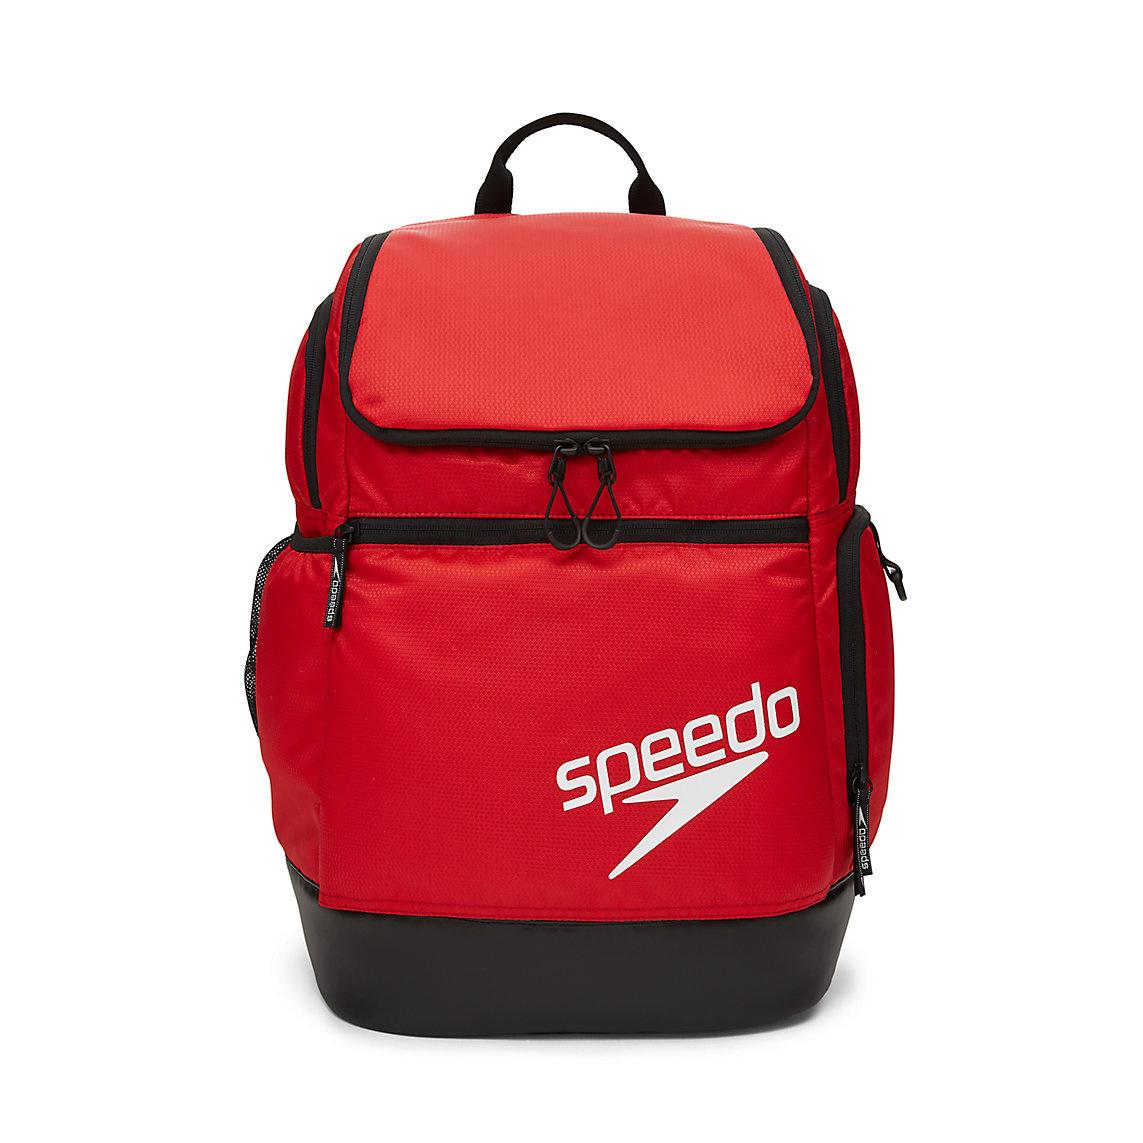 Speedo Lake Travis HS Backpack